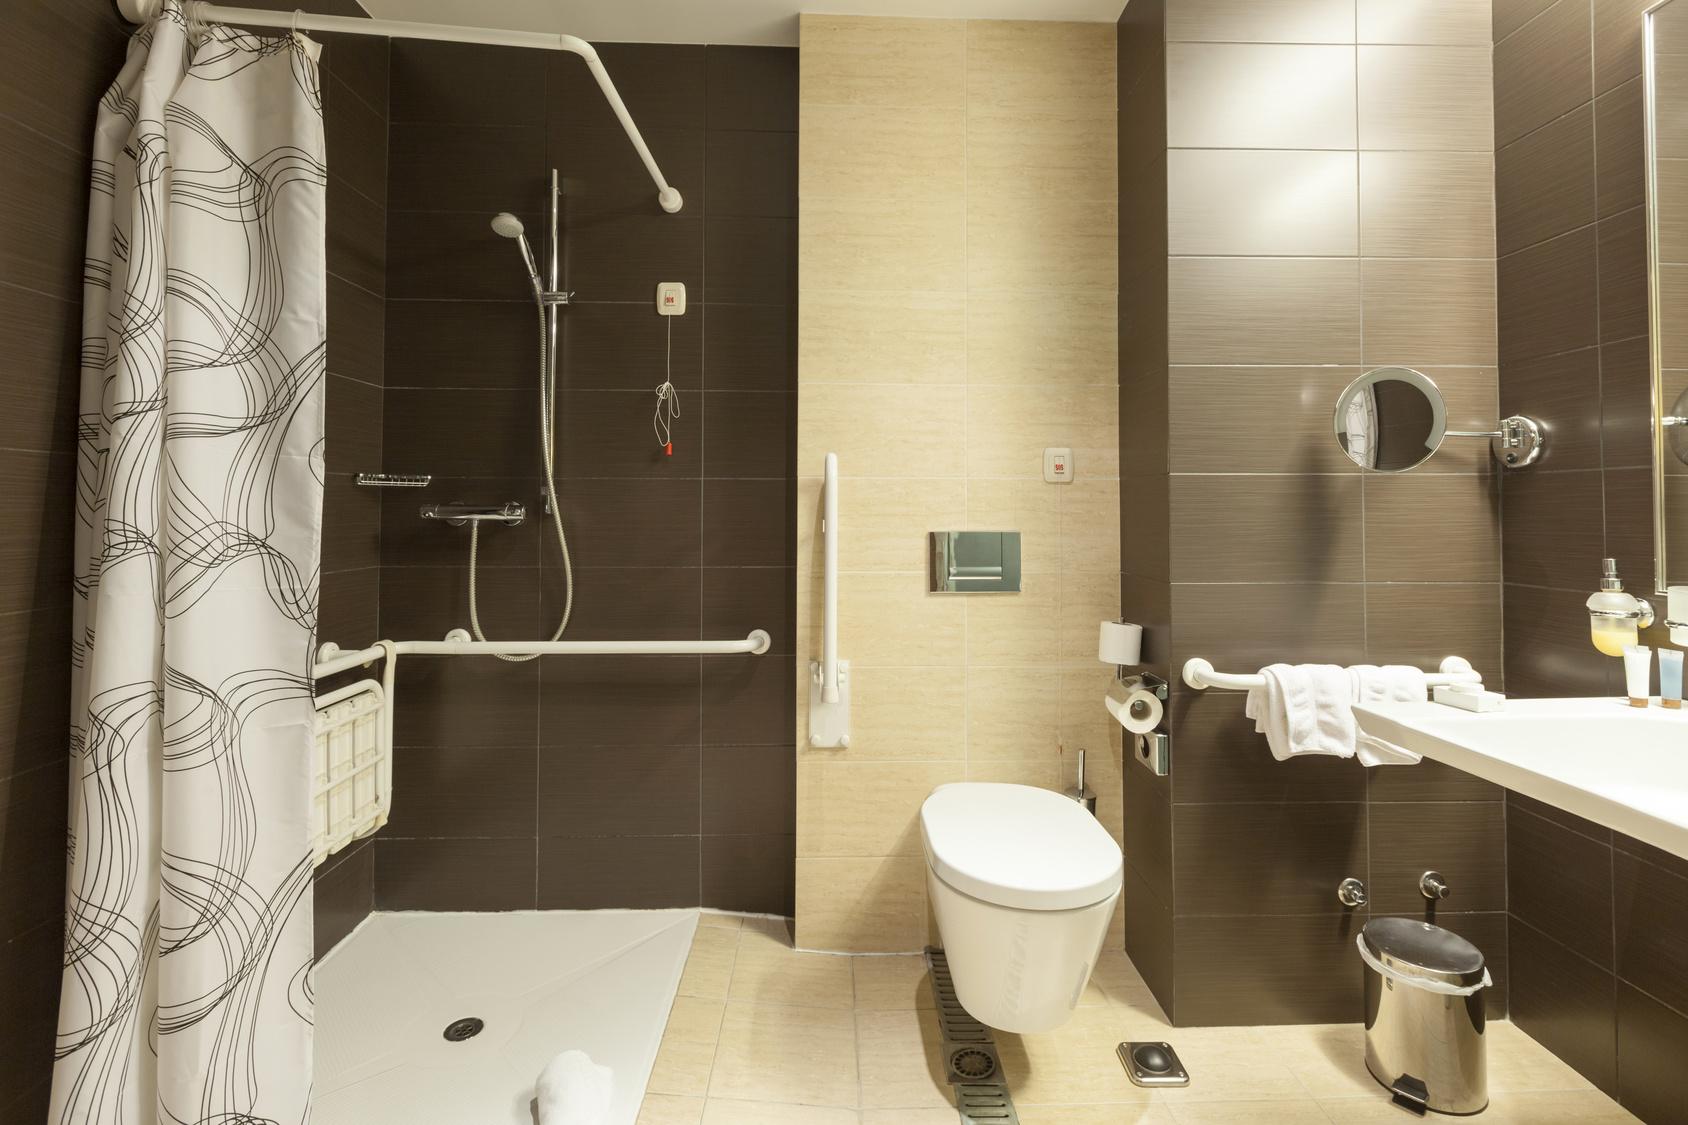 Préférence Handicap : nos conseils pour aménager votre logement JO88